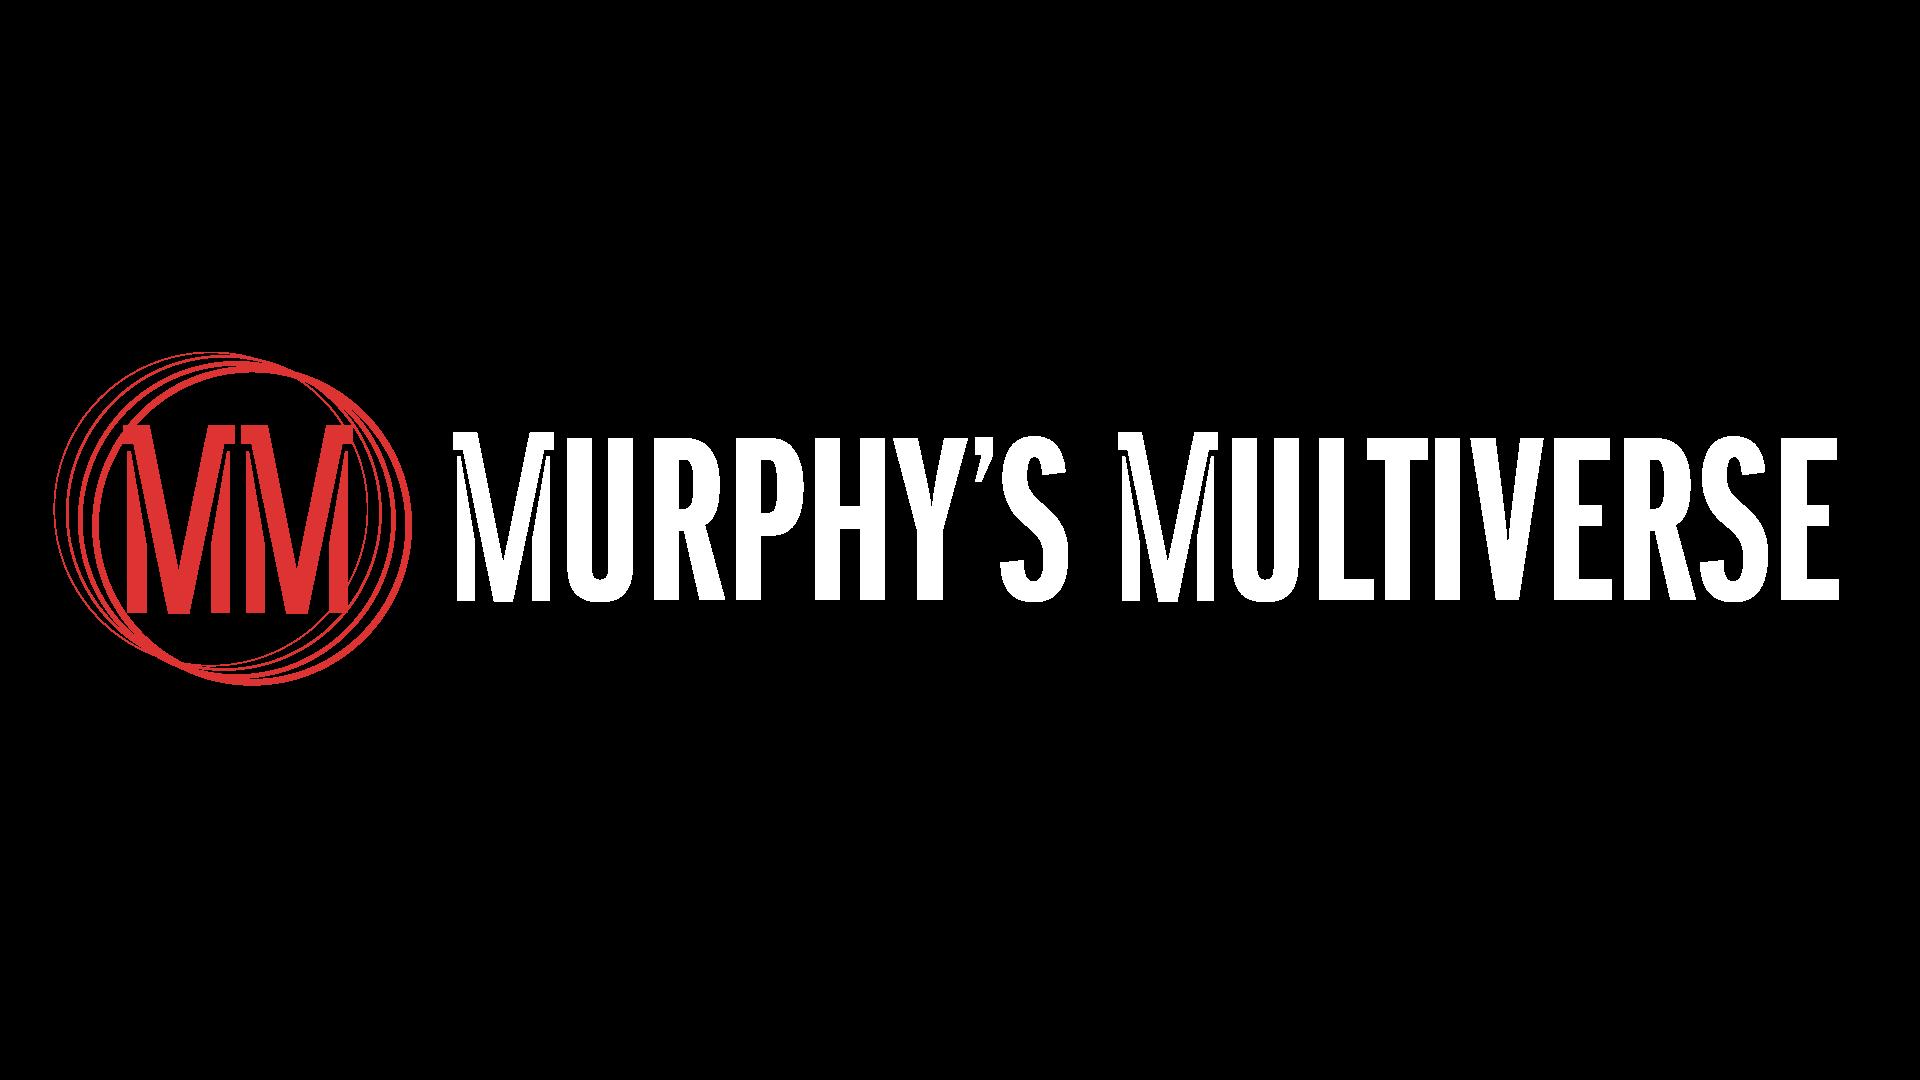 Murphy's Multiverse